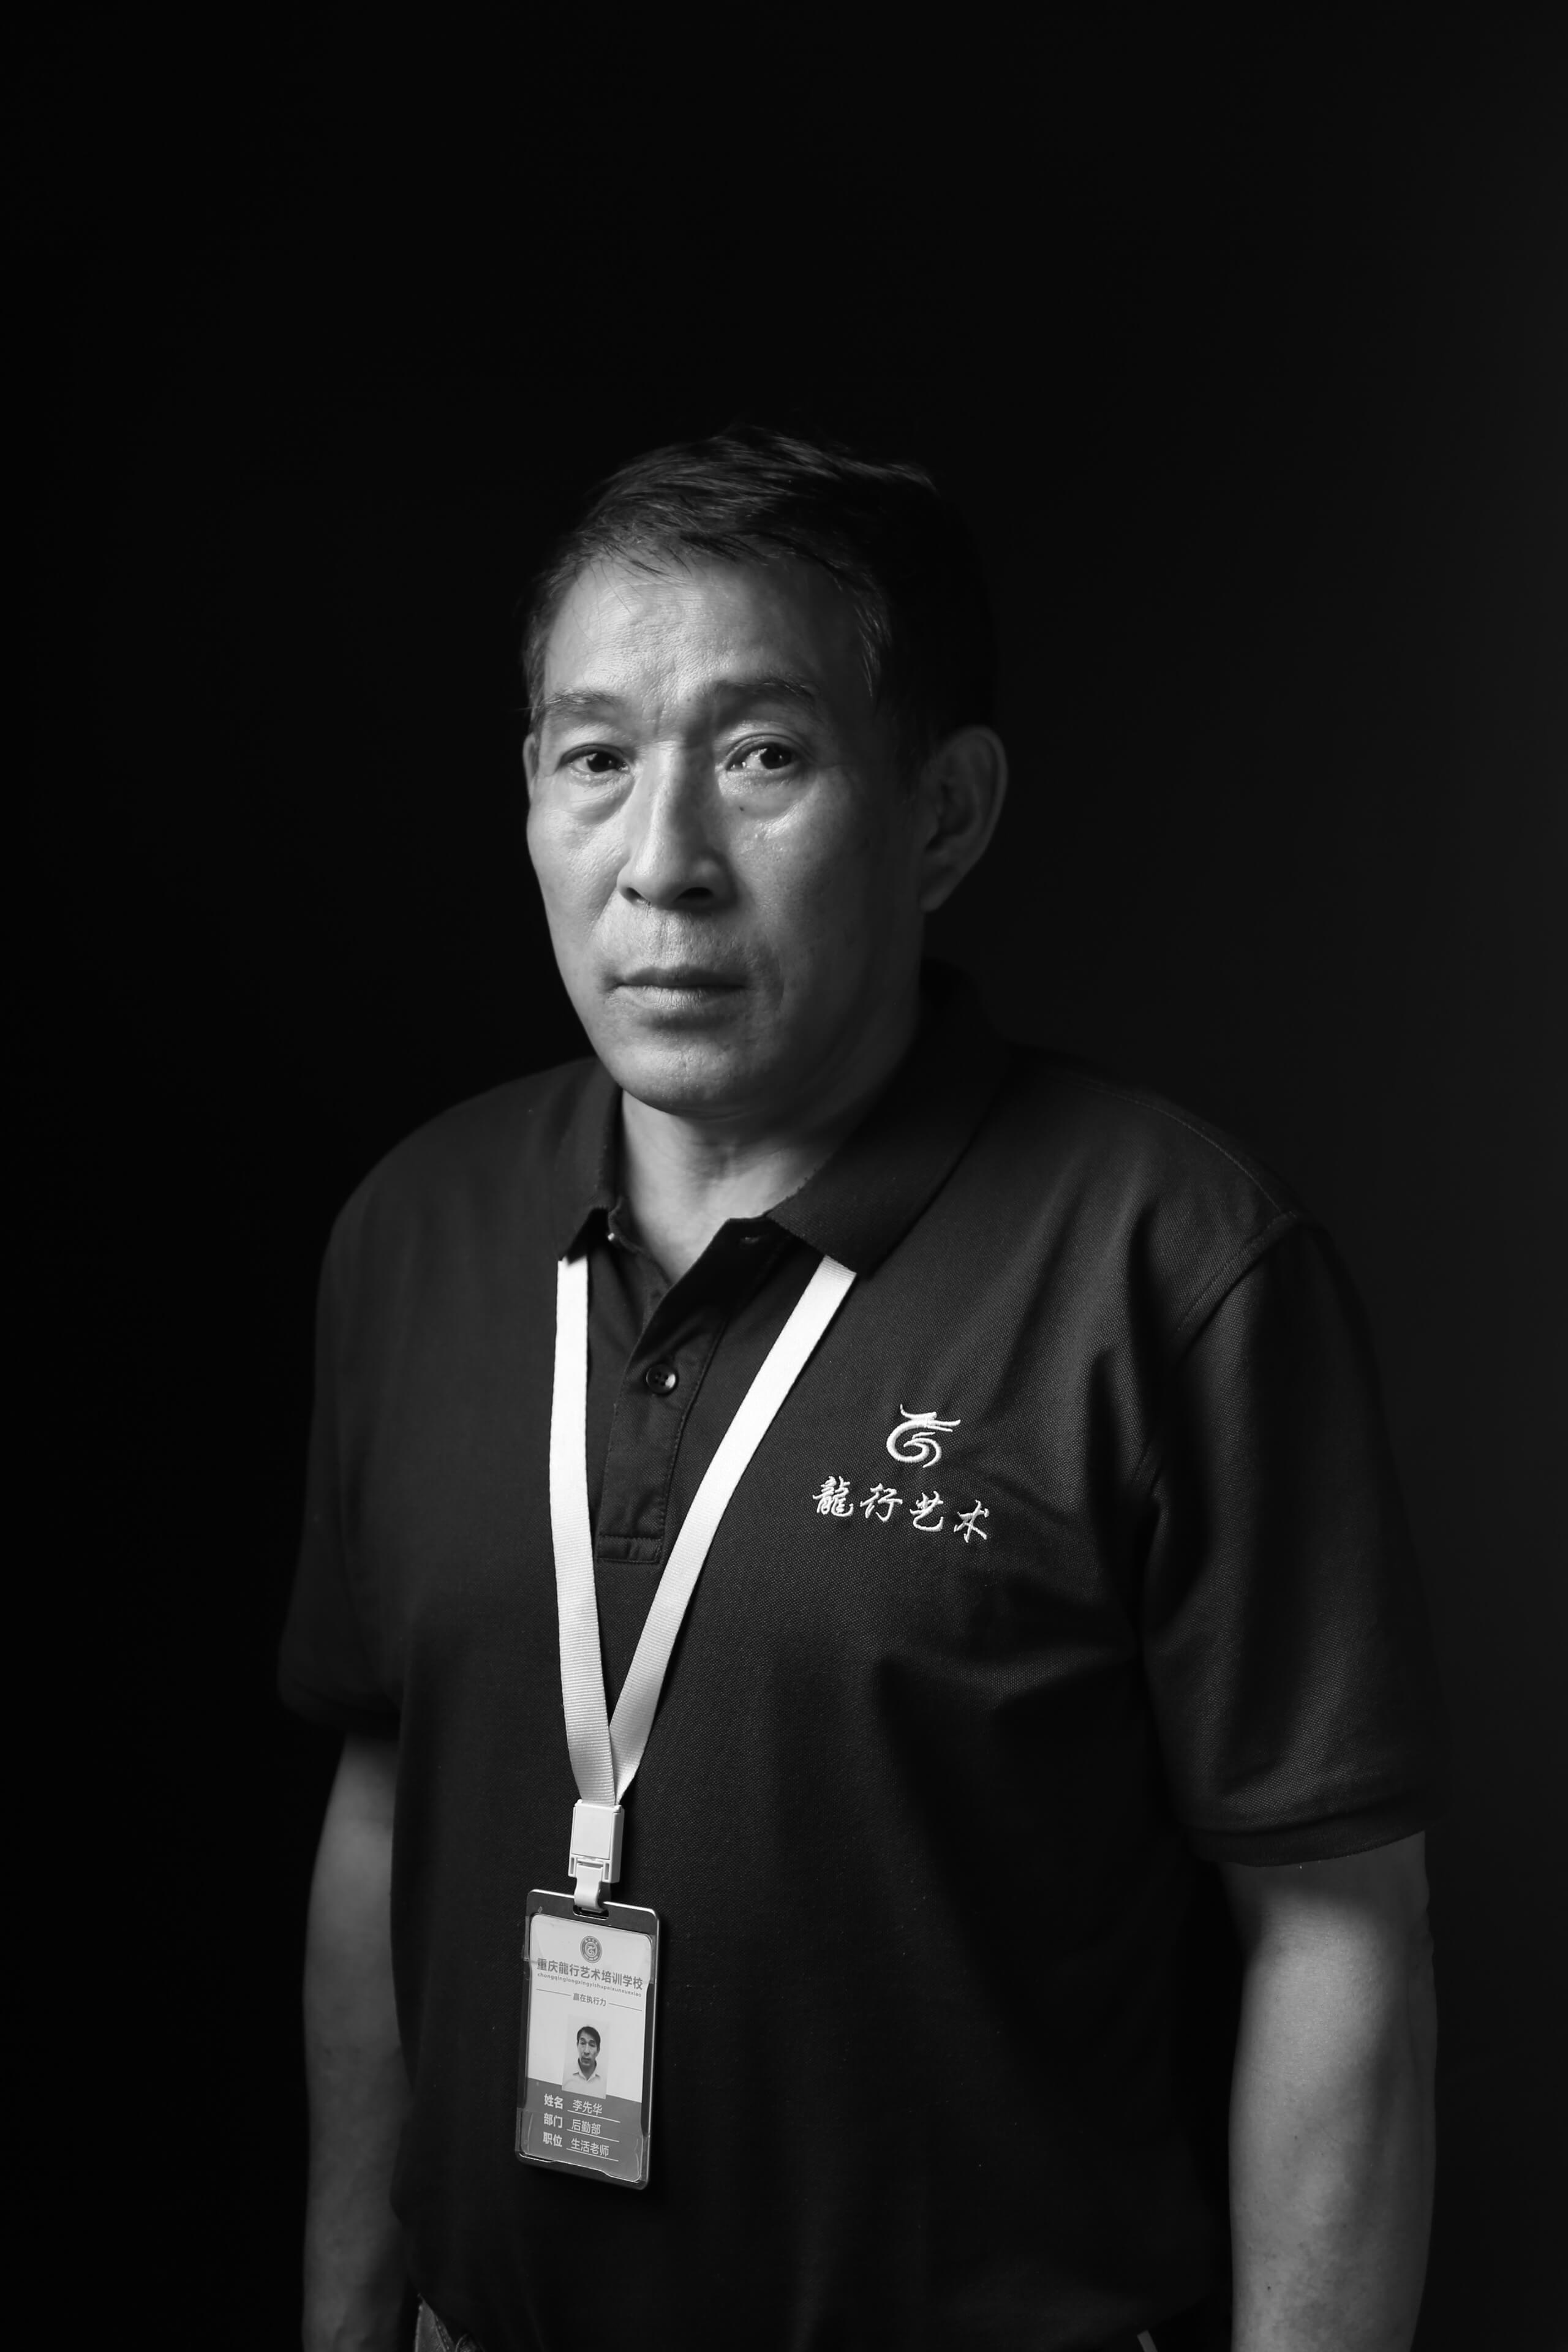 重庆美术培训画室老师-李先华